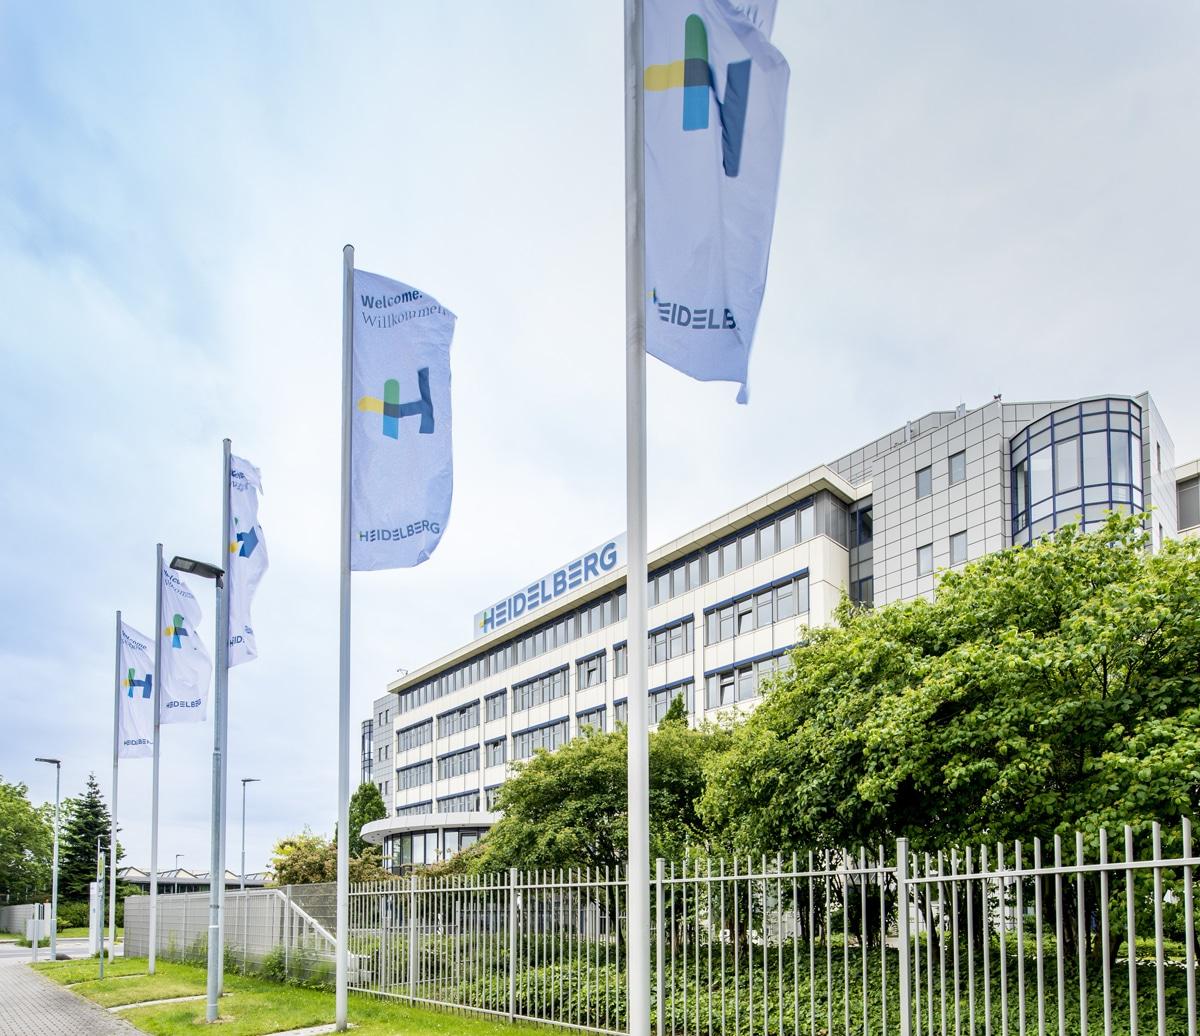 Heidelberger Druckmaschinen am Standort Wiesloch. Das Unternehmen verzichtet für 2021 auf die drupa-Teilnahme (Quelle: print.de)